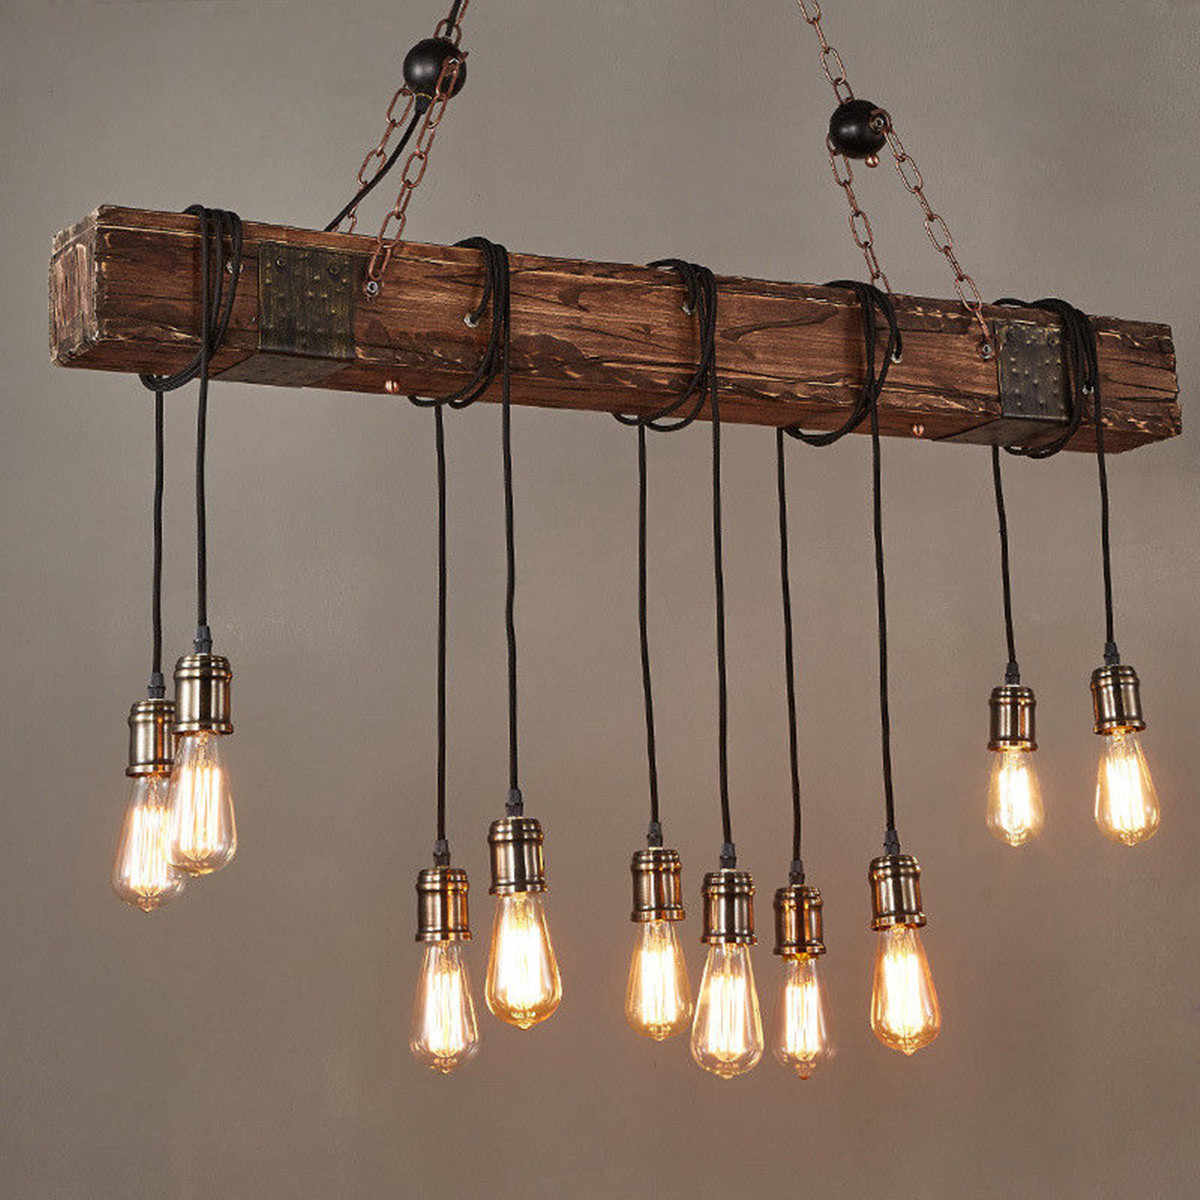 Île suspendue Antique de poutre en bois de ferme avec 10 décorations de Restaurant de cuisine à la maison d'ampoule d'edison